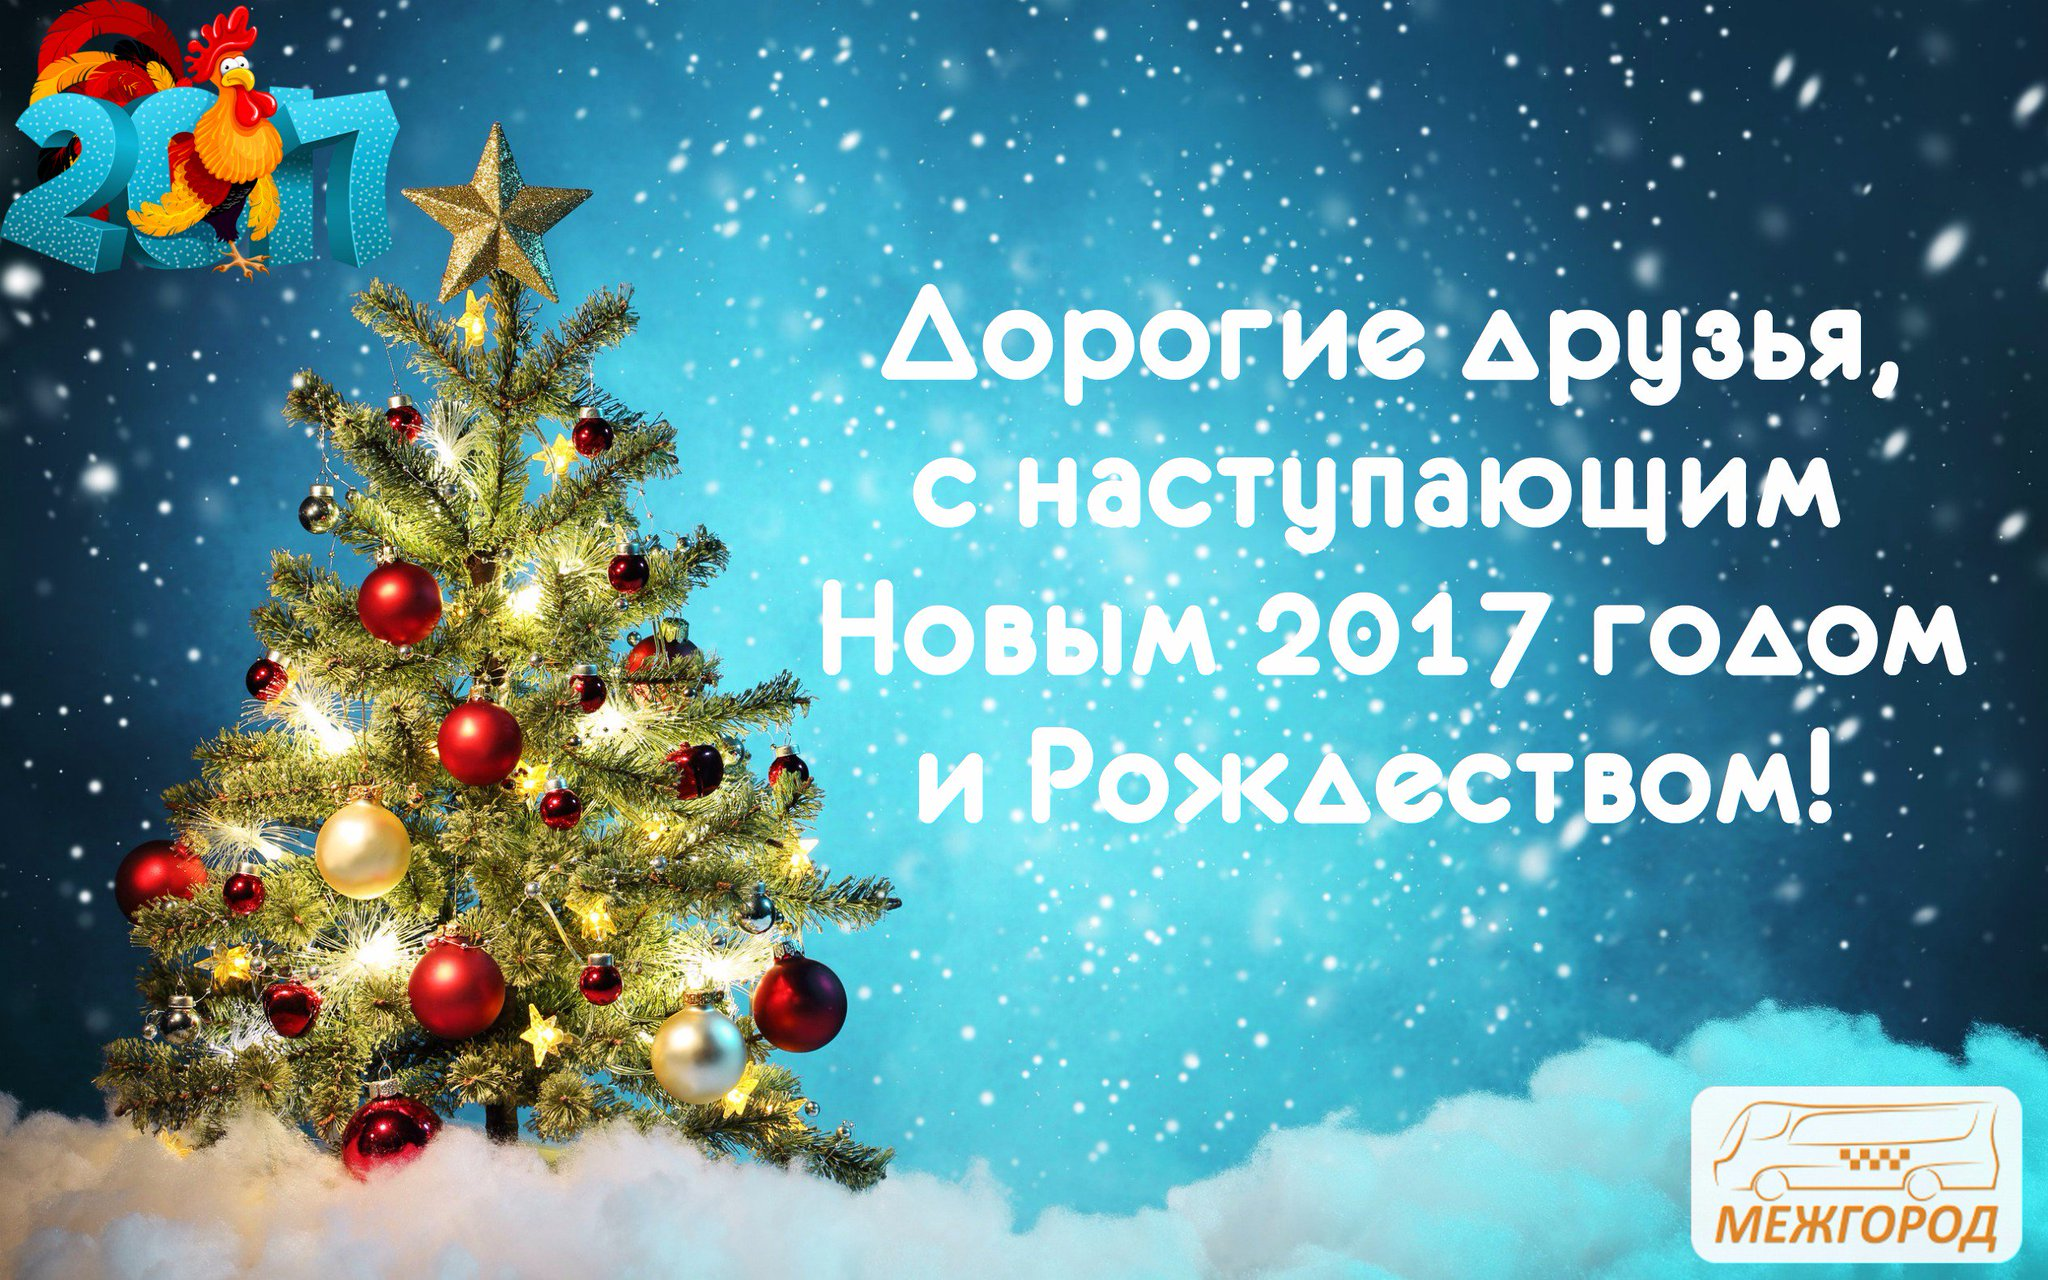 Поздравления с новым 2017 годом в открытках, открыток